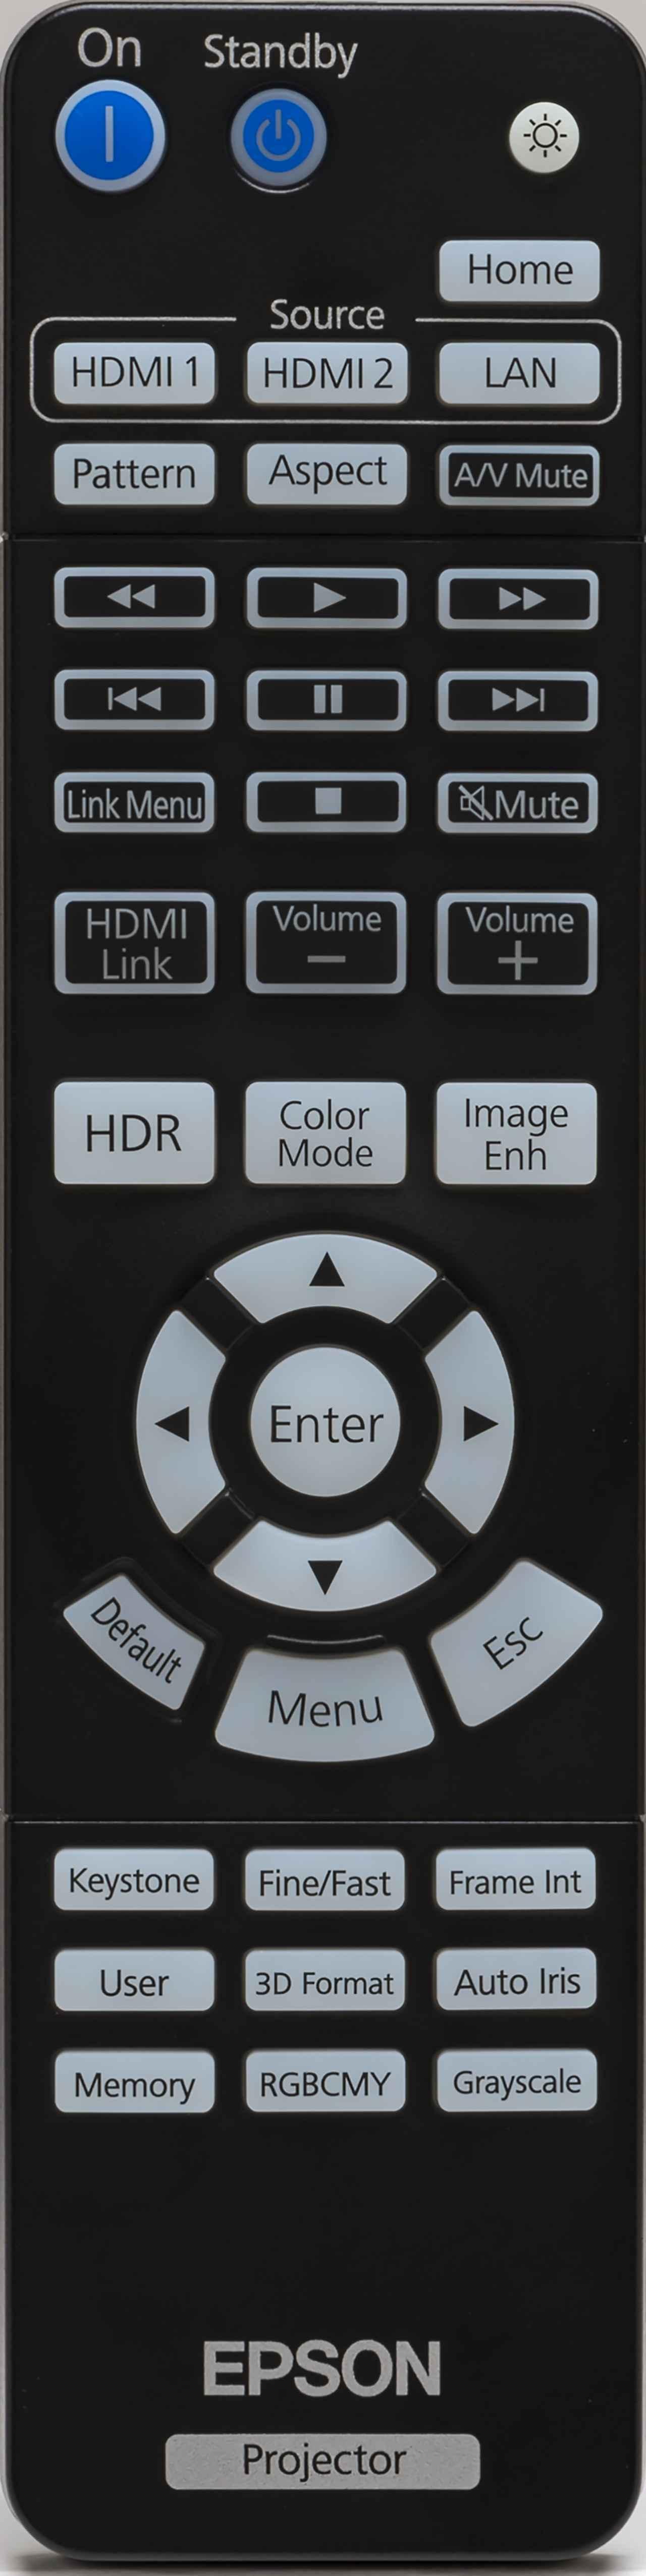 画像: ←最上段右ボタンで主要ボタンが点灯するので、暗室での操作がしやすい。中央、十字ボタンの左上の「HDRボタン」で、右の「ダイナミックレンジ」が設定できる